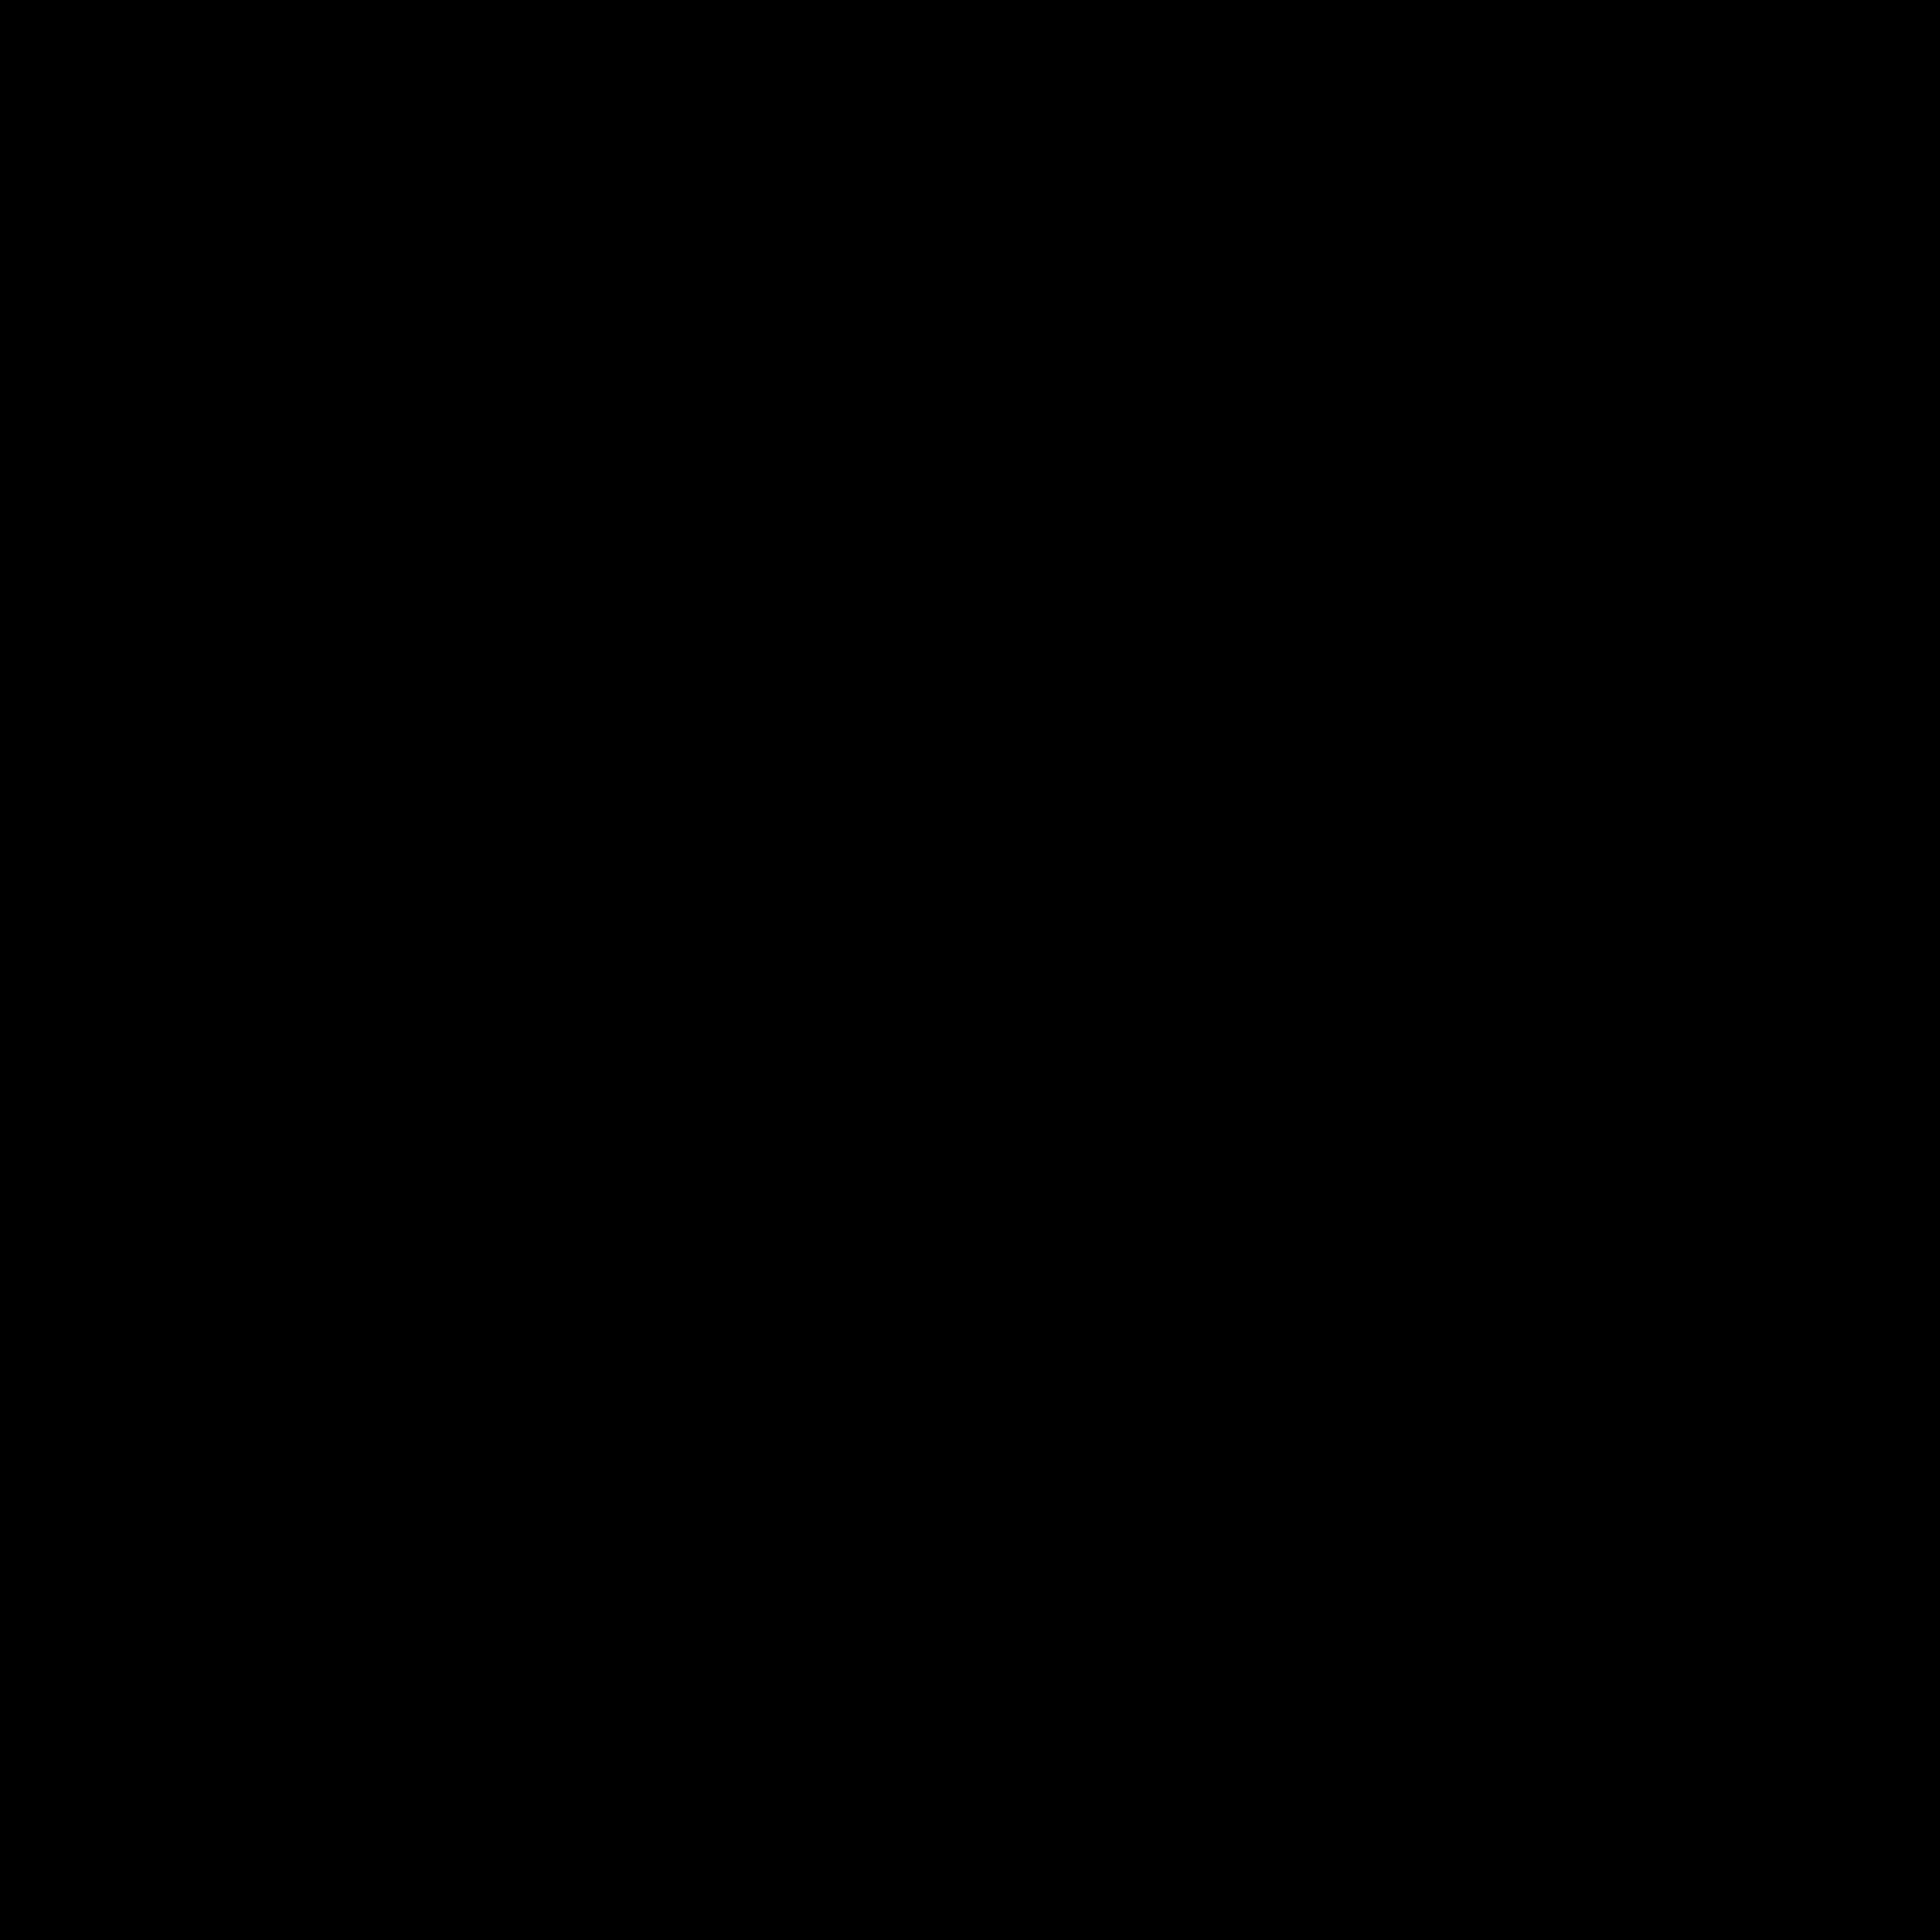 2000x2000 15 Kingdom Hearts Heart Symbol Png For Free Download On Mbtskoudsalg